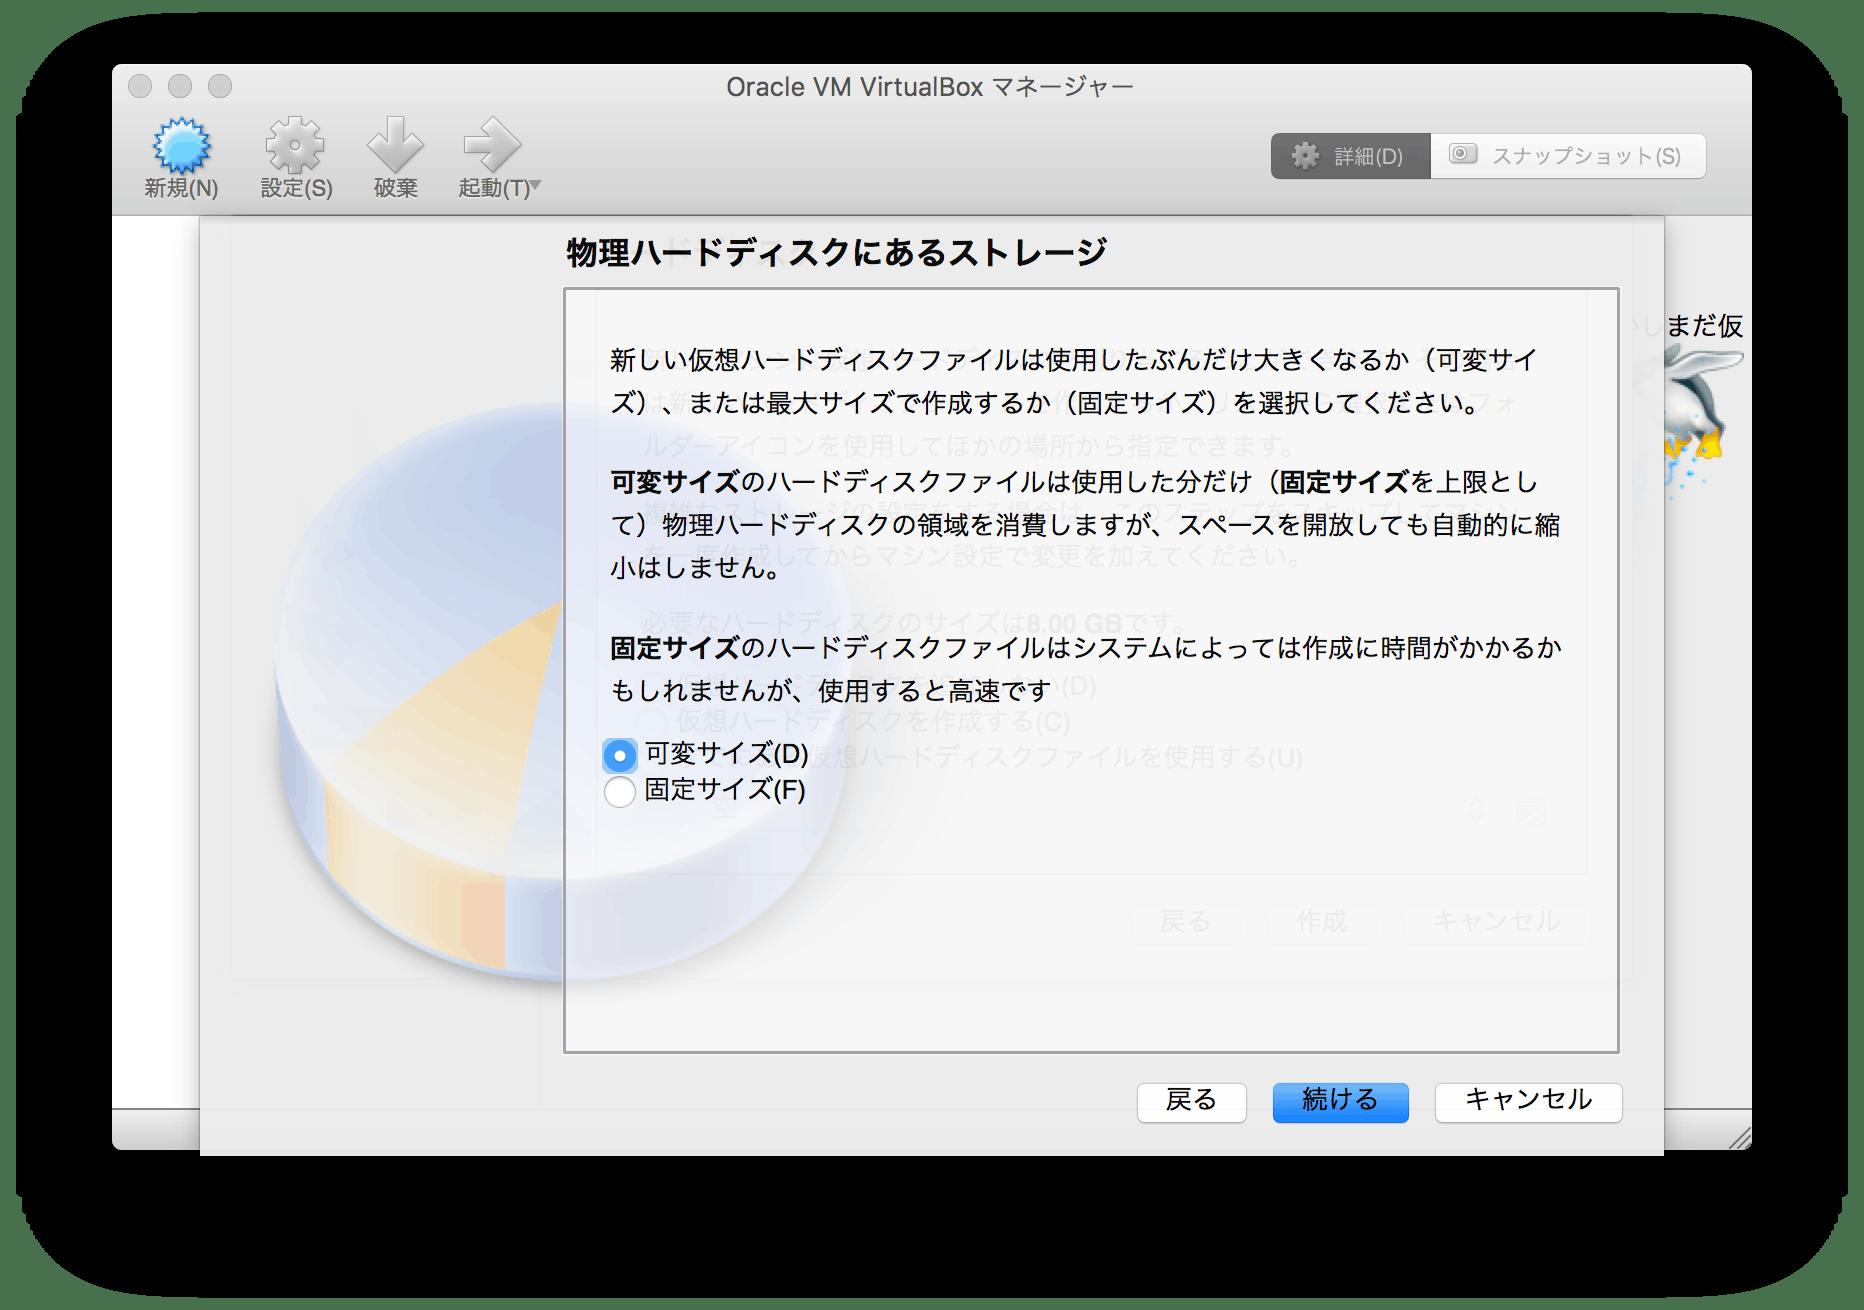 スクリーンショット 2017-02-14 0.52.00.png